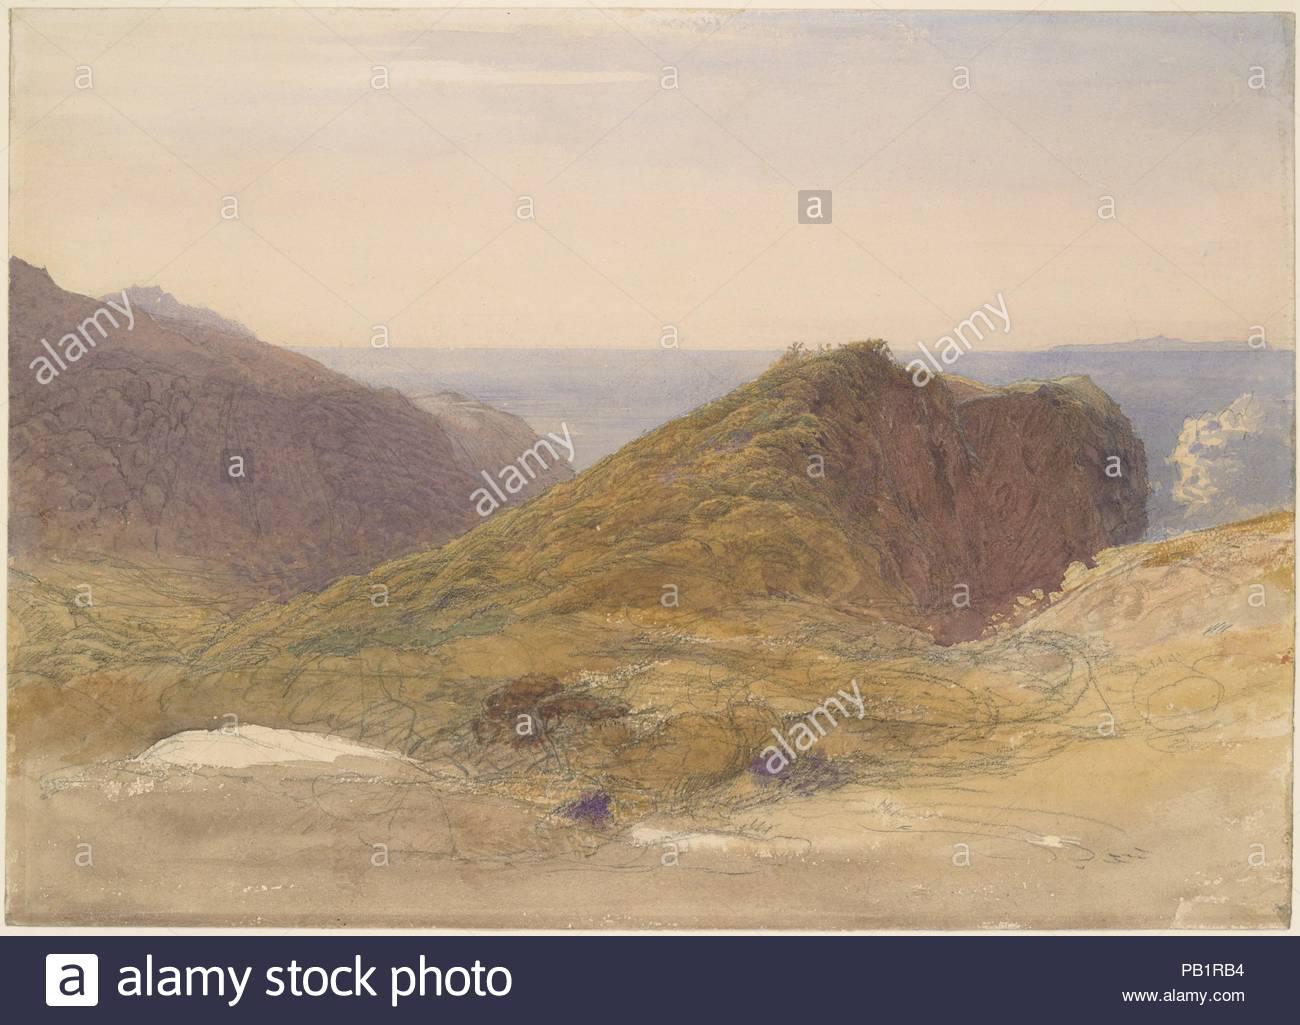 """Sur la côte nord de l'île Devon Lundy, au loin. Artiste: Samuel Palmer (britannique, Londres 1805-1881 Redhill, Surrey). Fiche technique: Dimensions: 10 x 14 11/16 15/16 in. (27,1 x 38 cm). Date: ca. 1835. Au milieu des années 1830, Samuel Palmer s'est éloigné de la style visionnaire de sa jeune Shoreham période où il faisait partie d'un groupe d'artistes connu sous le nom de """"anciens.' Dans cette vue de la côte d'un comté qu'il surnommé 'Dear, spongieux, Devon' Palmer's obsédant l'attention au détail et le penchant pour les couleurs frappantes servent une vision naturaliste. Le promontoire au centre de la sce Photo Stock"""